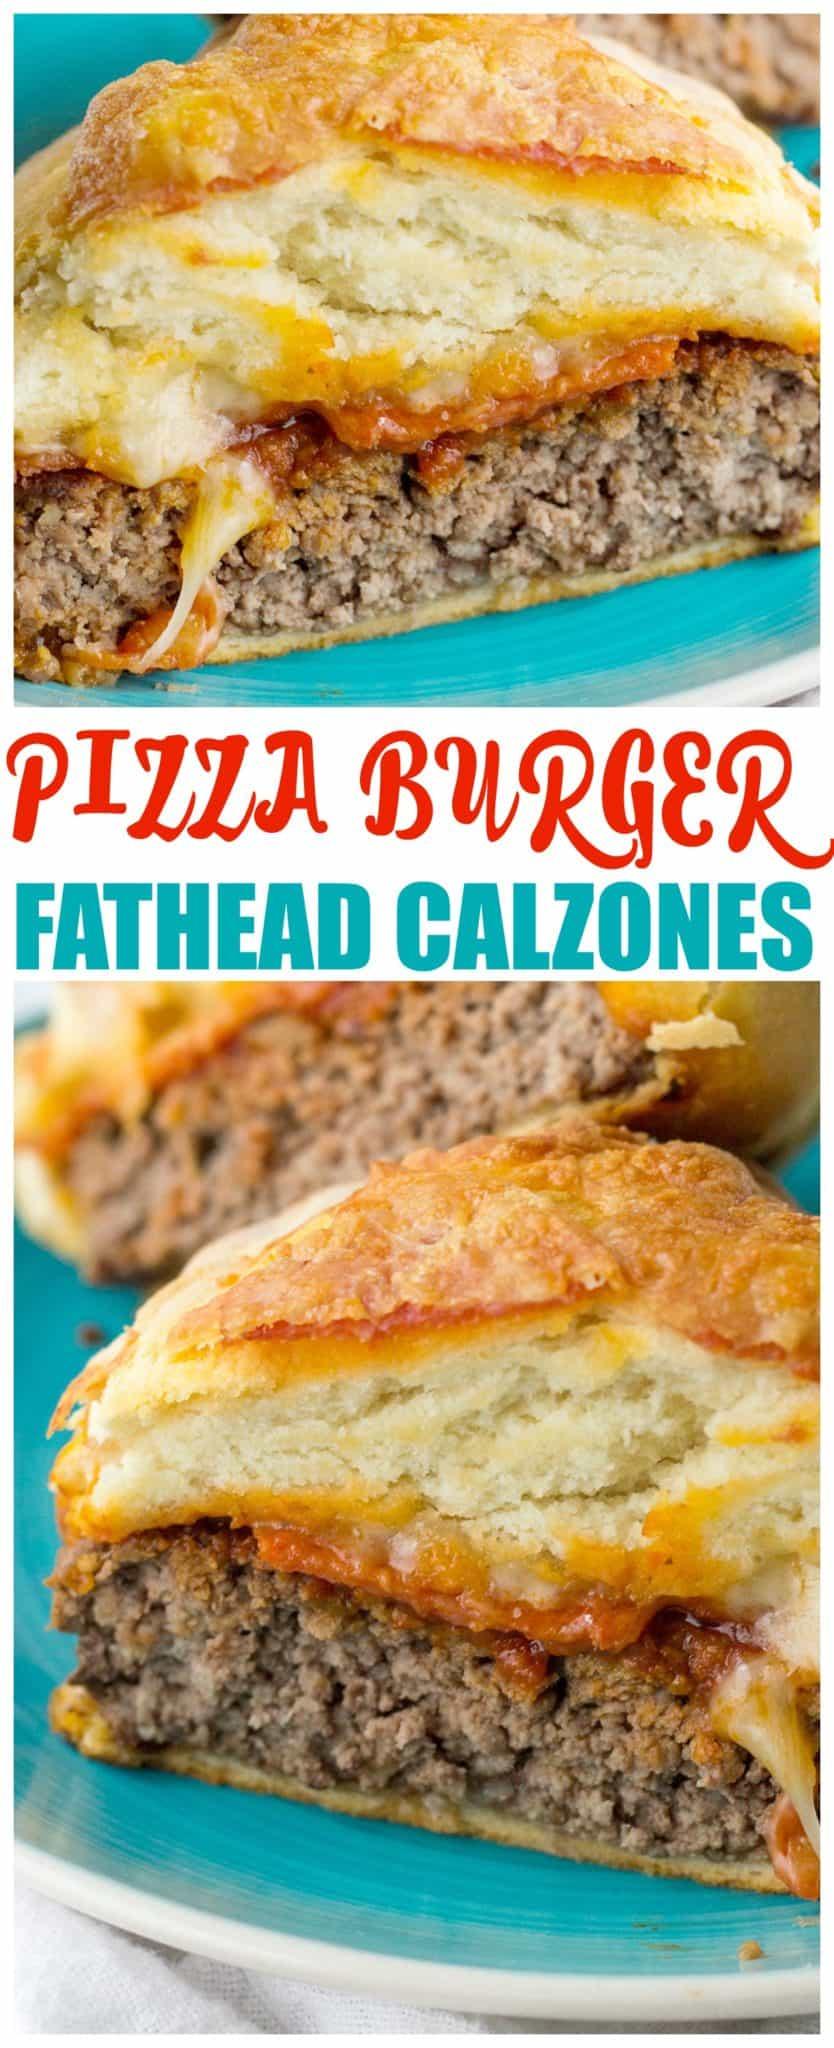 fathead pizza burger